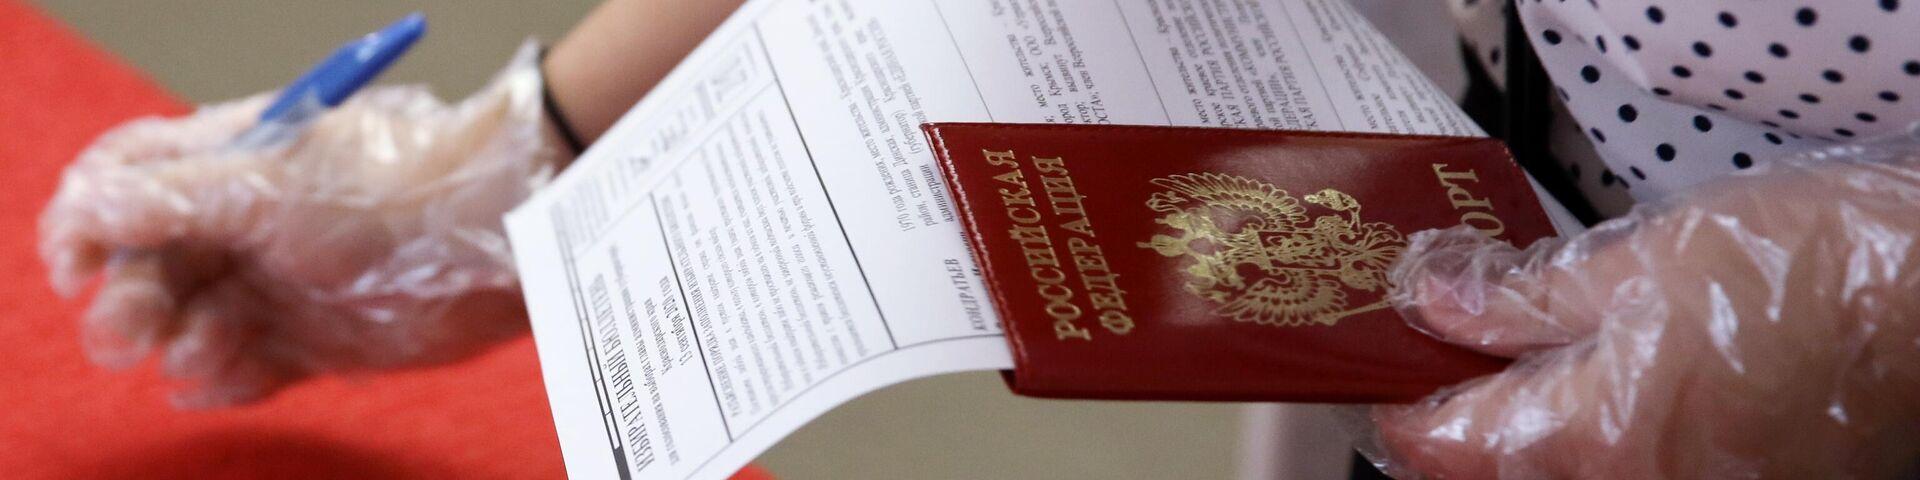 Досрочное голосование на избирательном участке в Краснодаре - РИА Новости, 1920, 13.09.2020